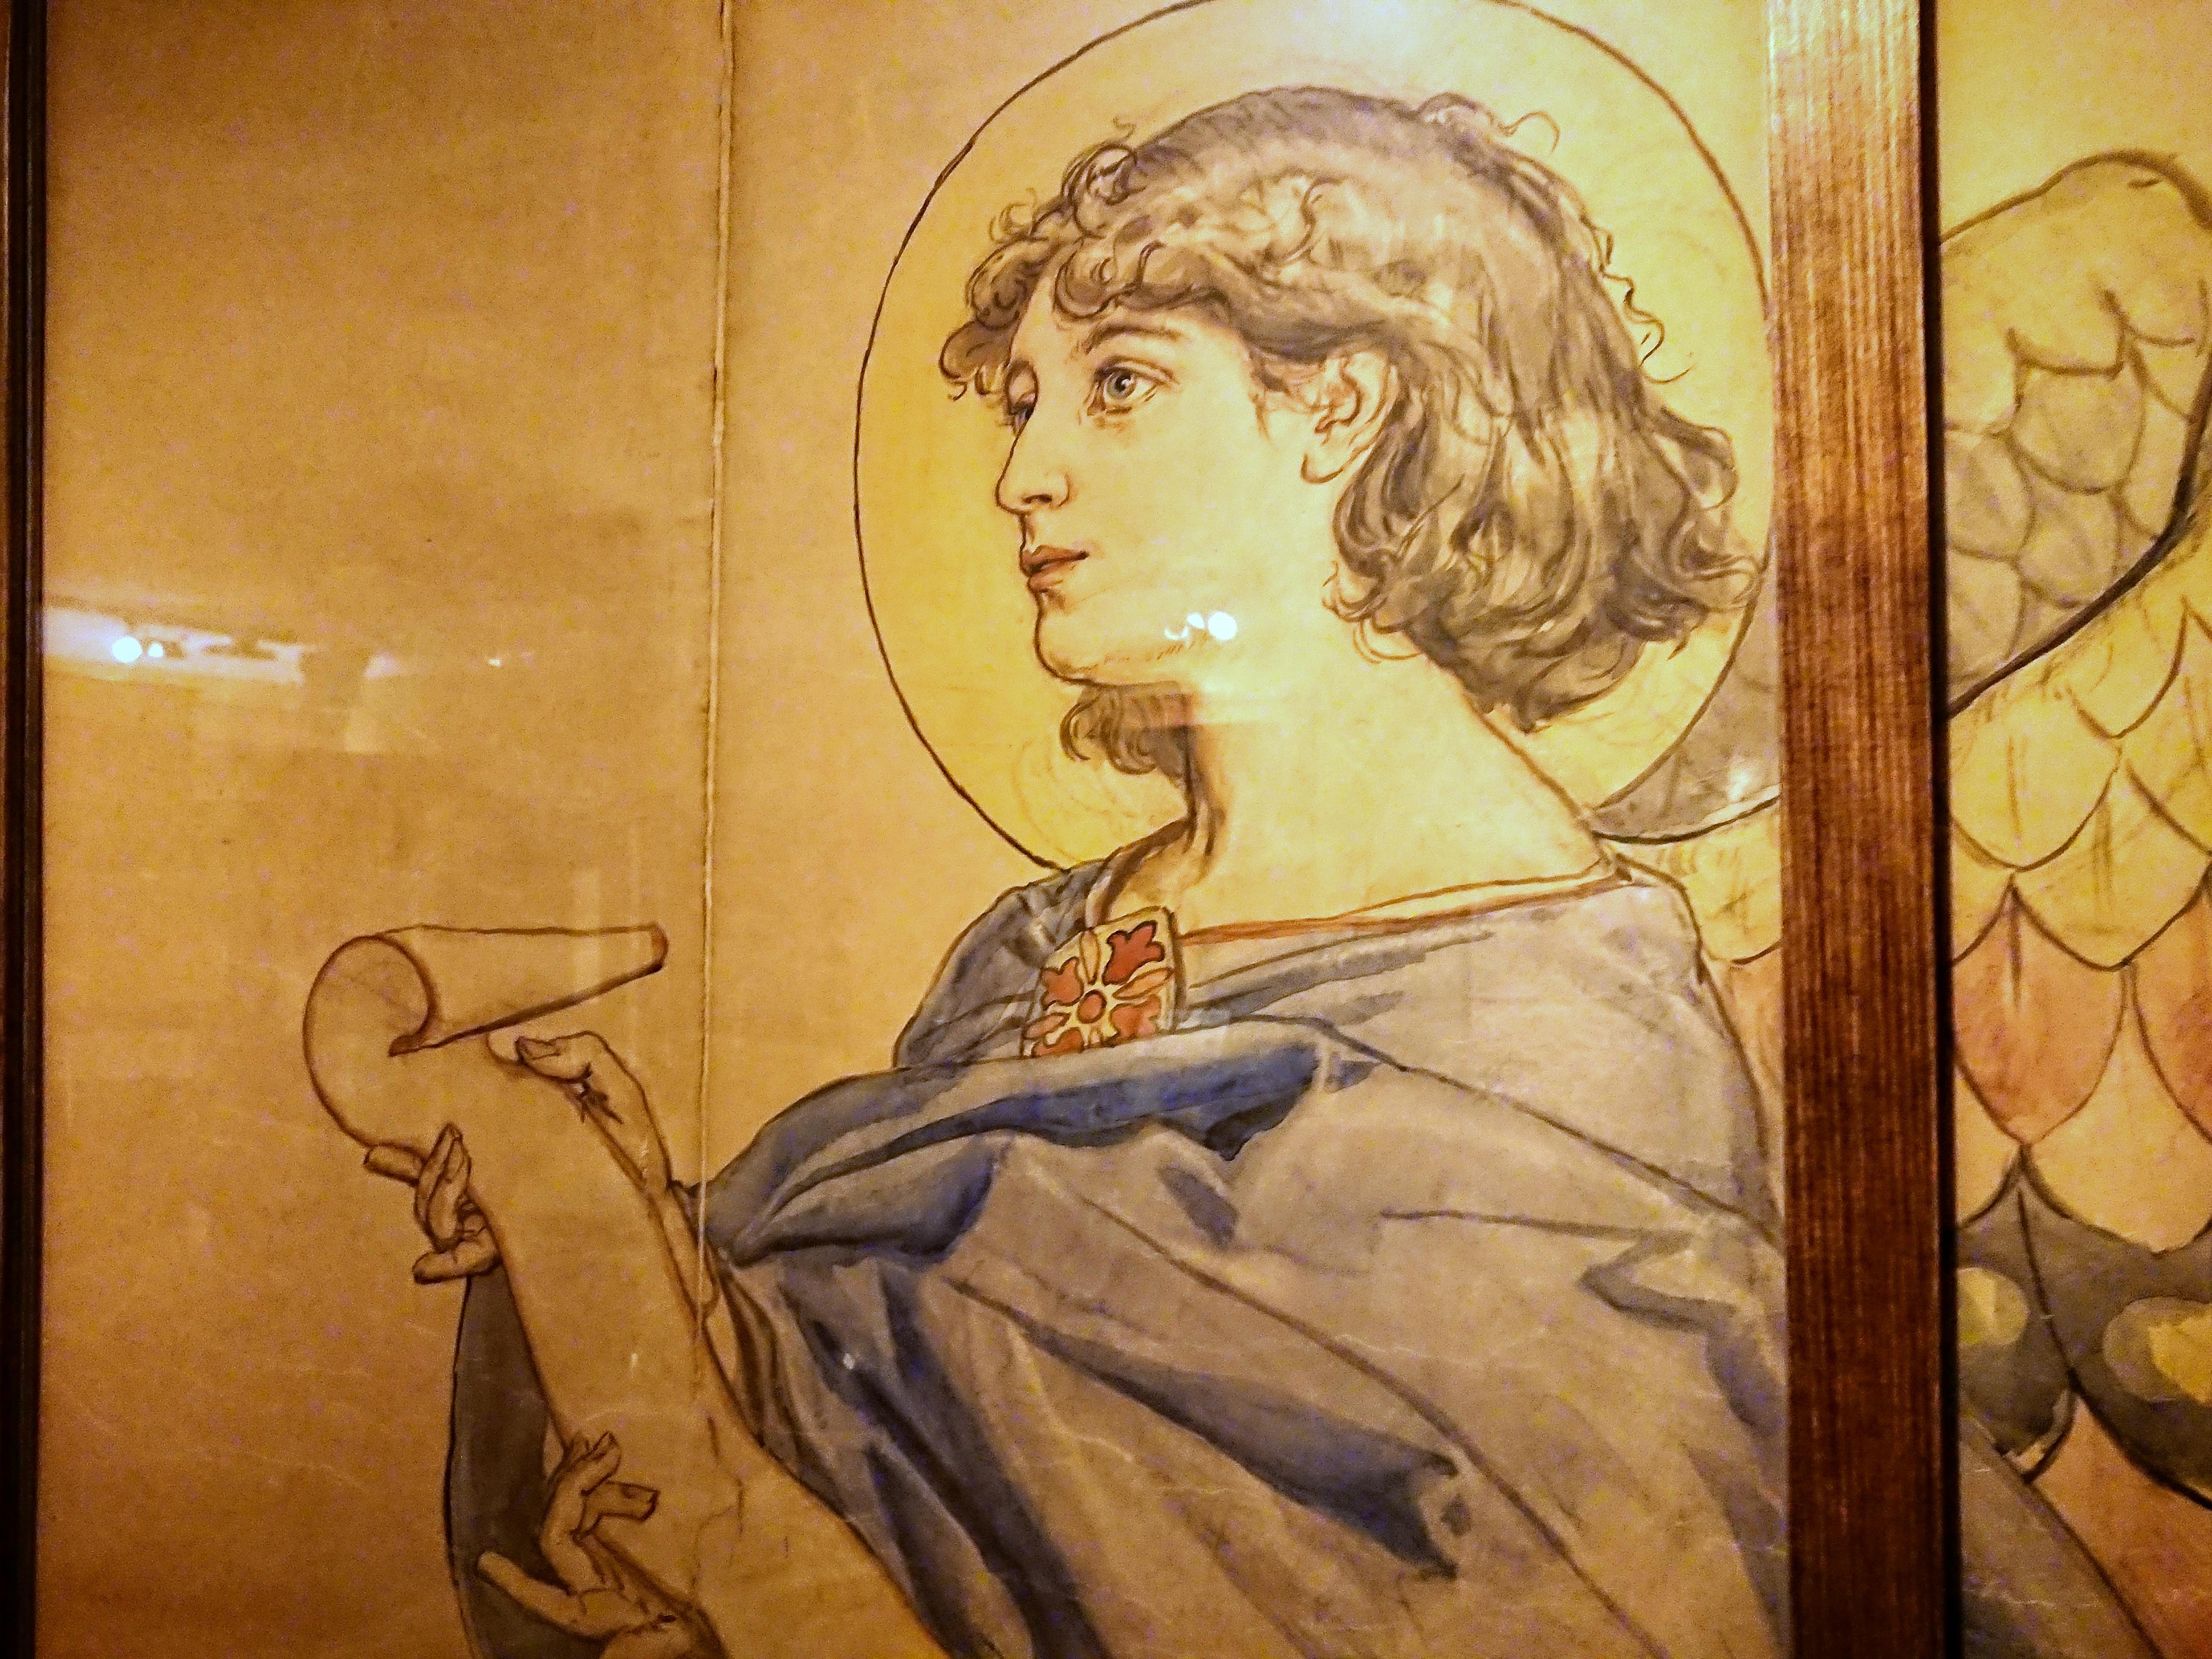 Anioł z kartonu projektowego do polichromii w kościele Mariackim, źródło: archiwum autorki (Dom Jana Matejki)